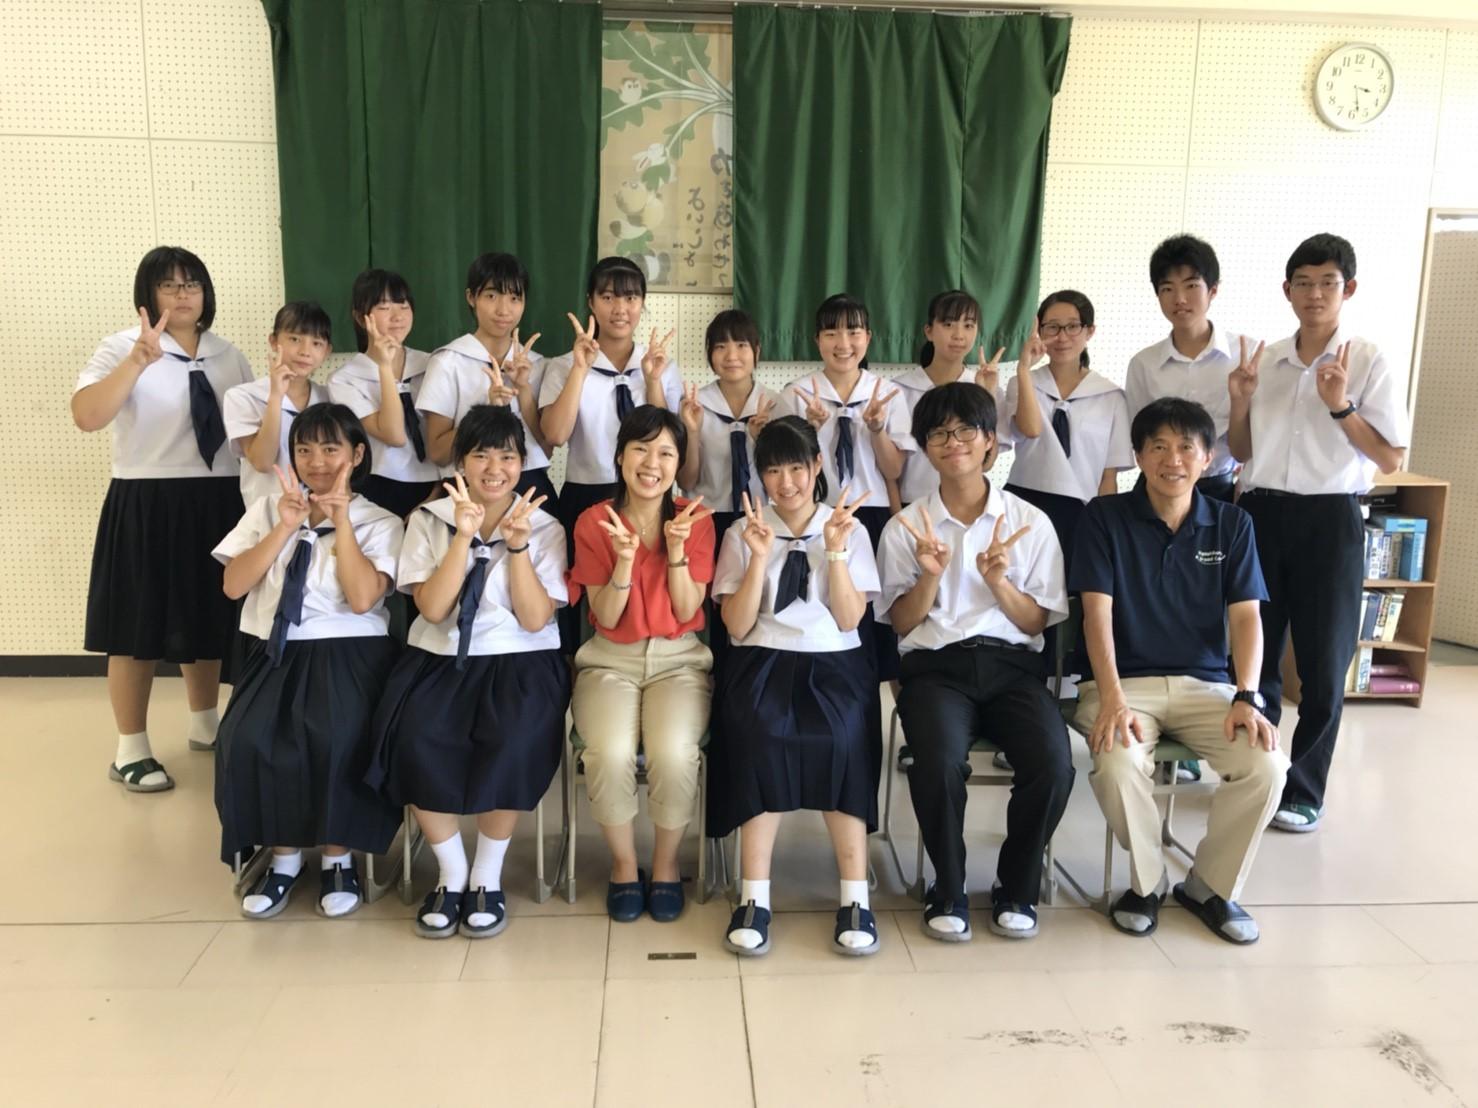 東 播磨 高校 偏差 値